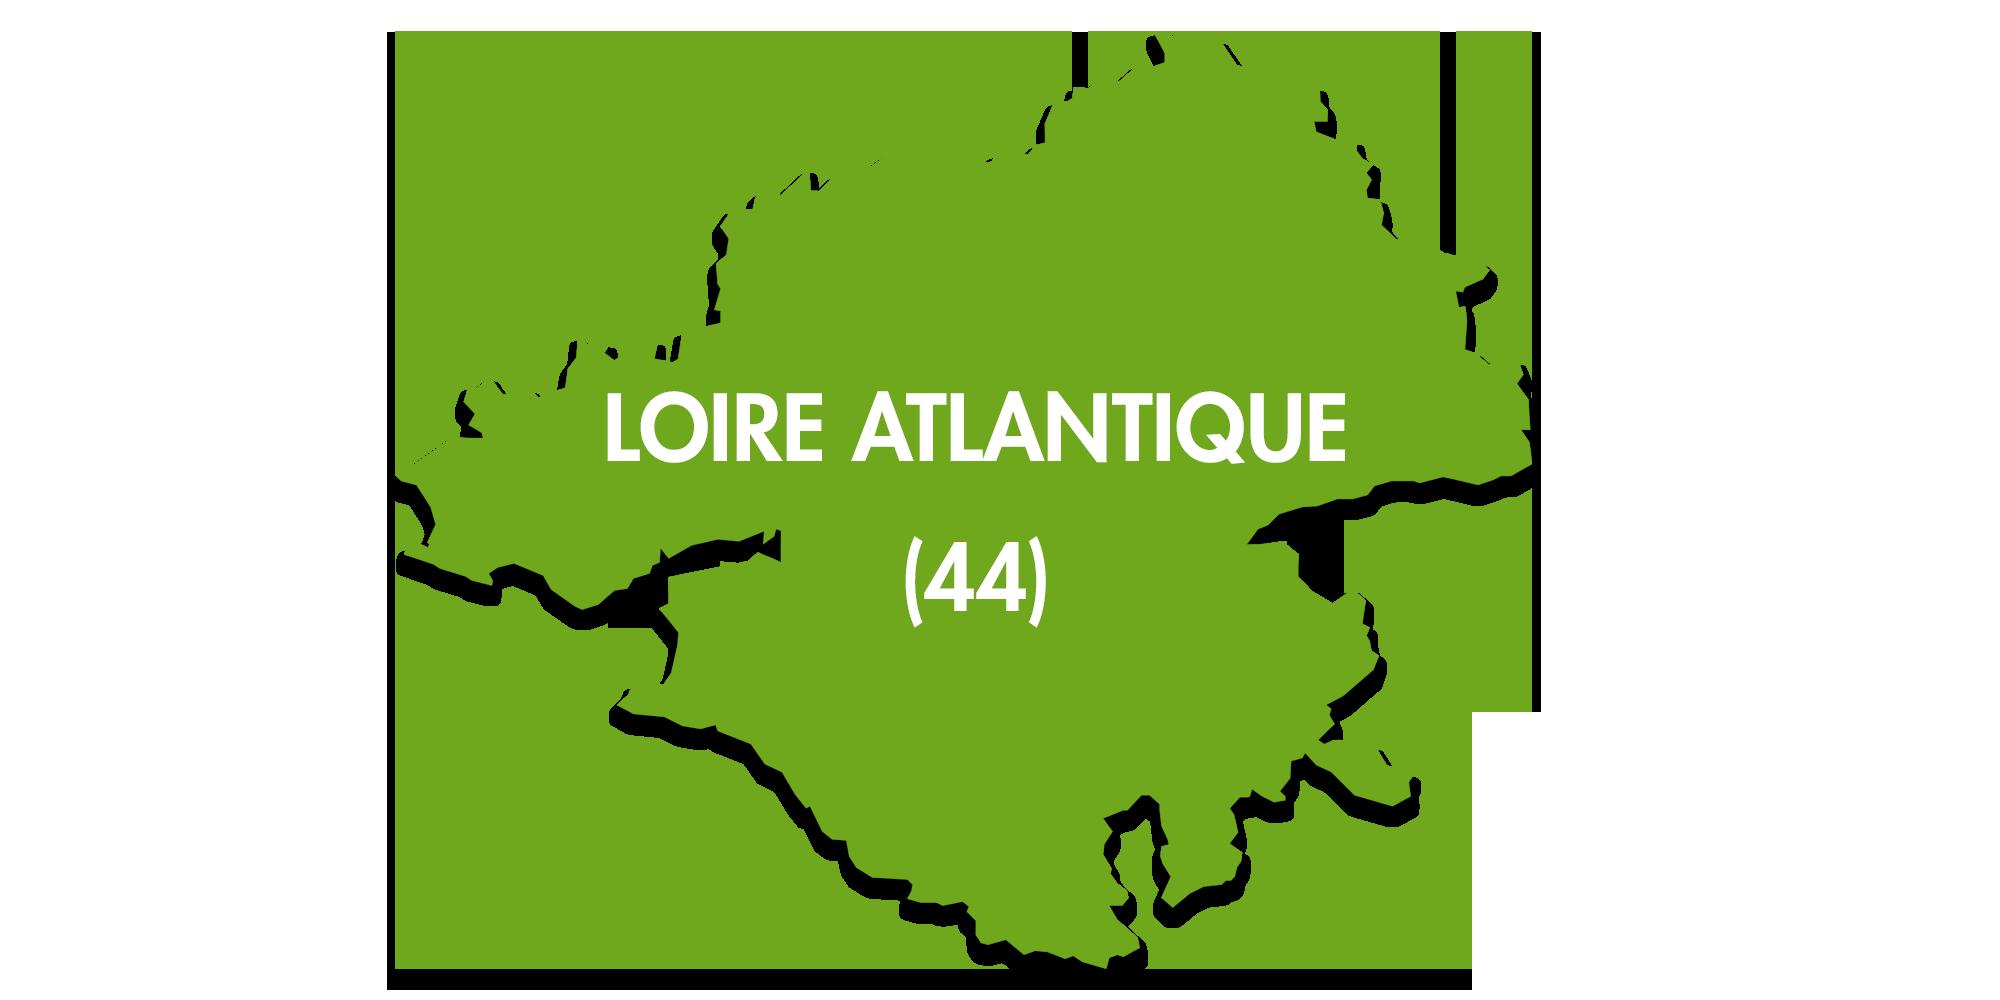 les projets Eco Energie Service en Loire Atlantique